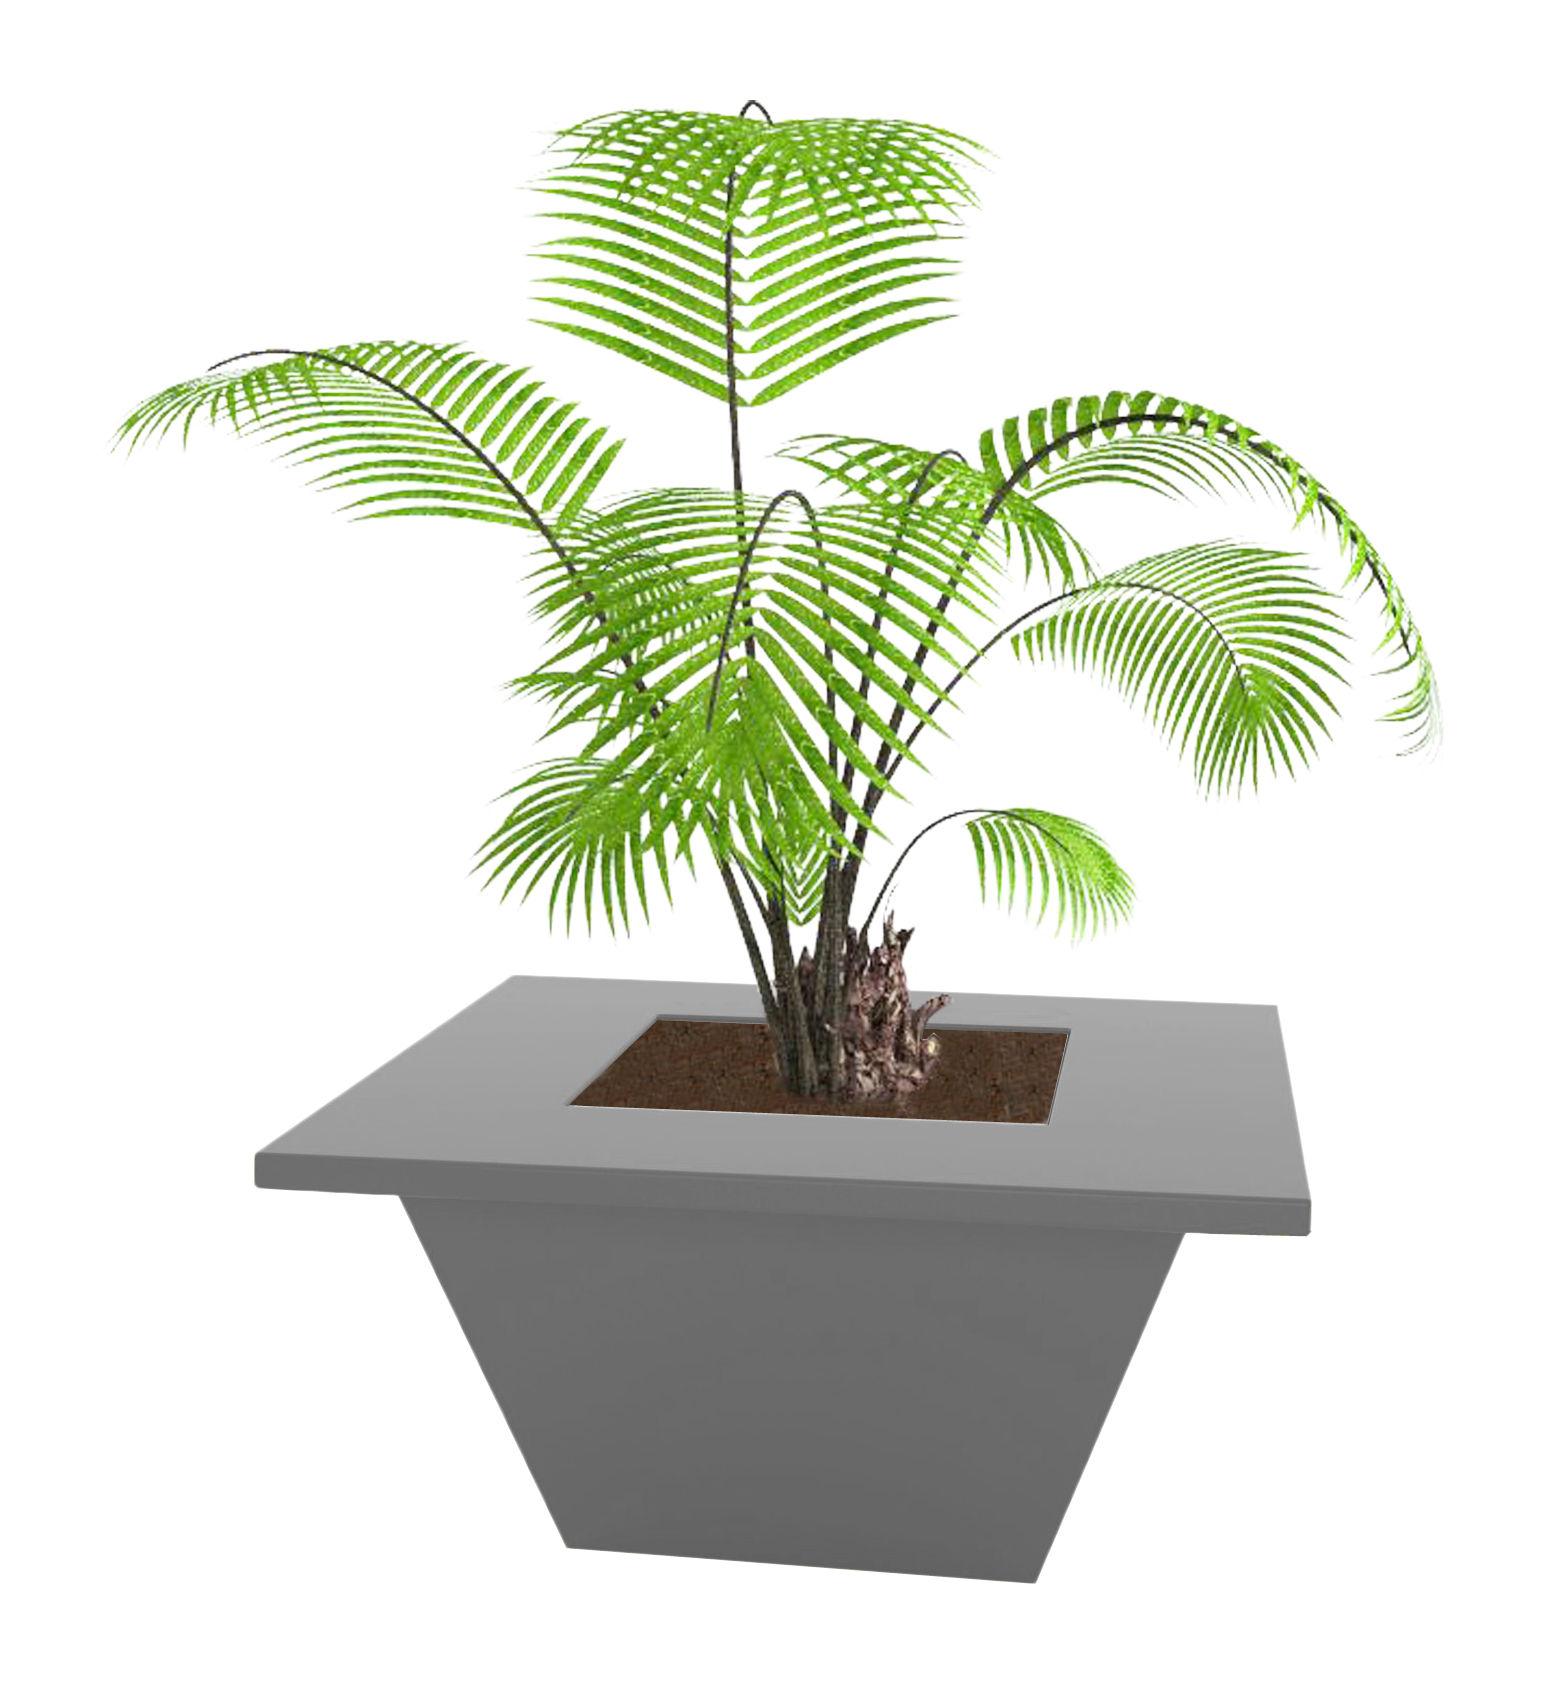 Outdoor - Pots et plantes - Pot de fleurs Bench 150 x 150 cm - Slide - Gris - Polyéthylène